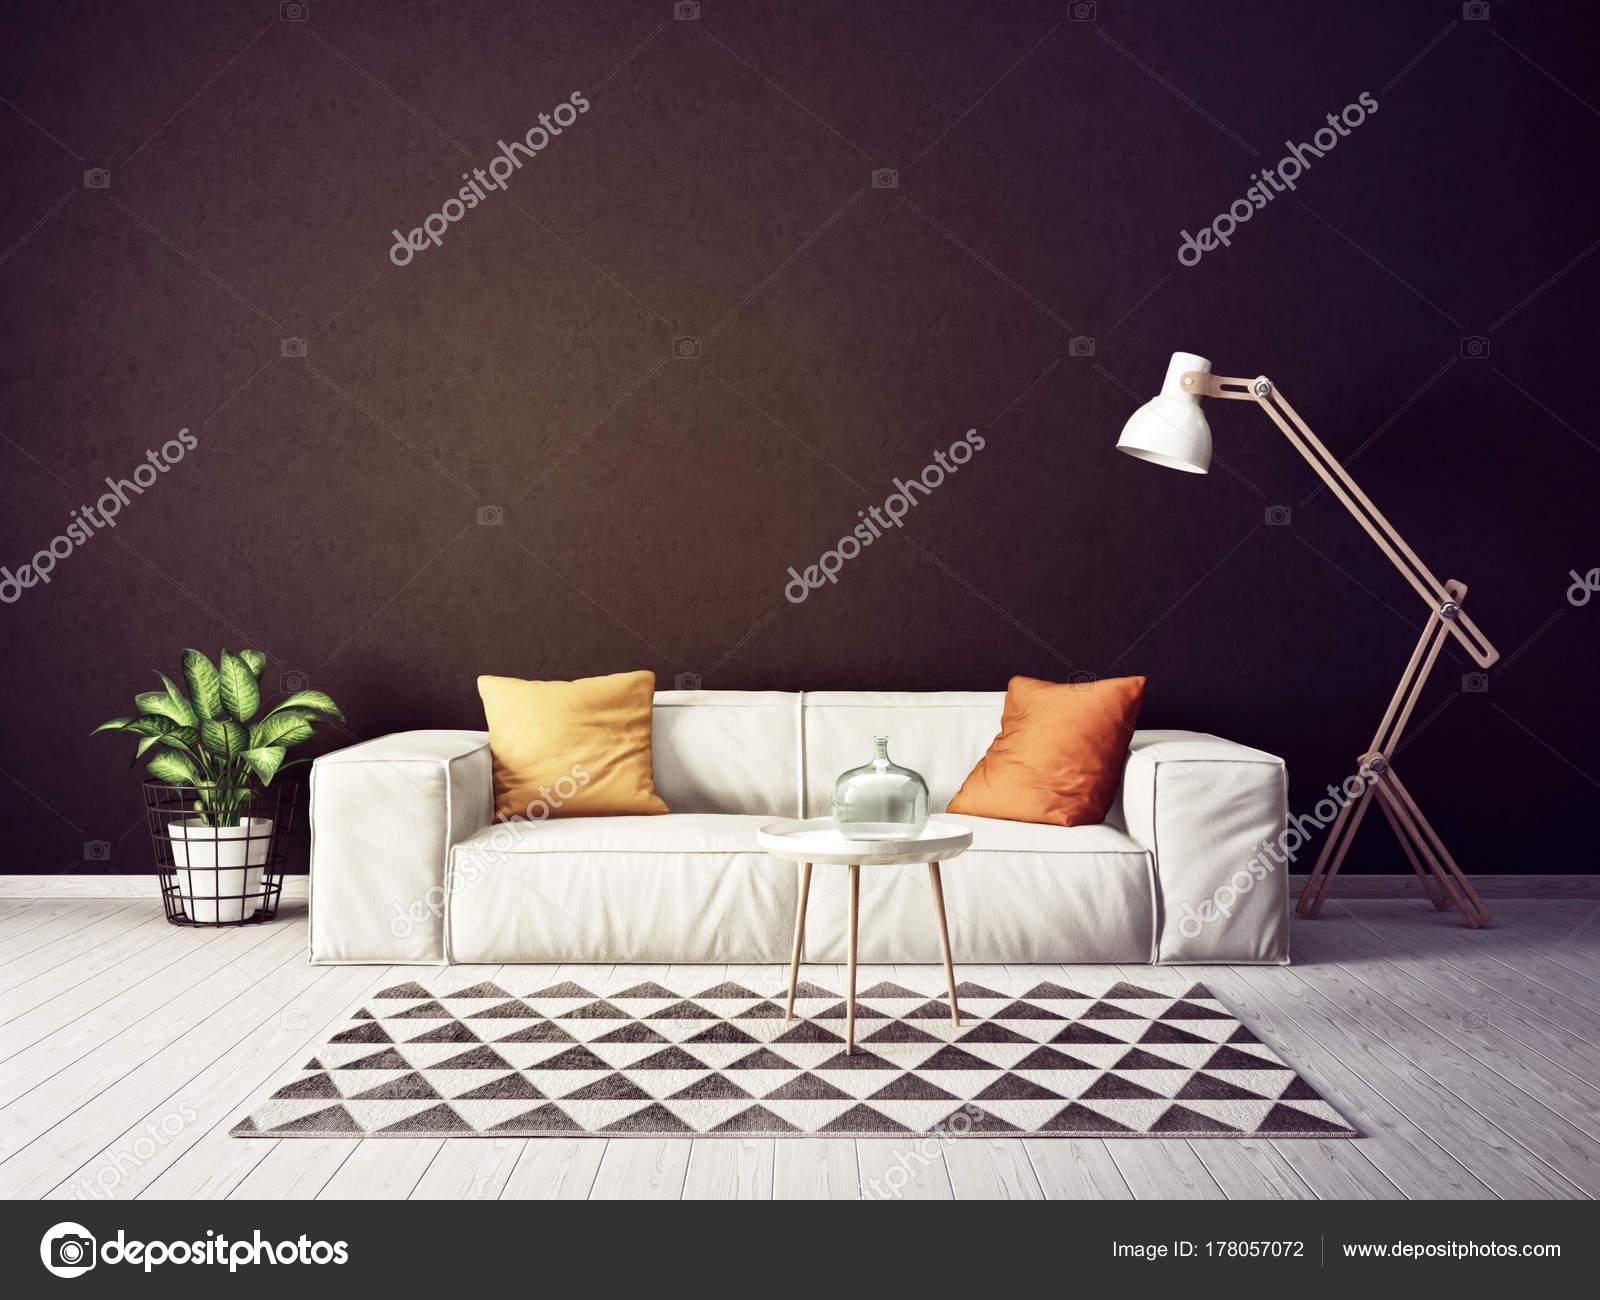 Modernes Wohnzimmer Mit Sofa Und Lampe Skandinavische Innenarchitektur  Möbel Render U2014 Stockfoto